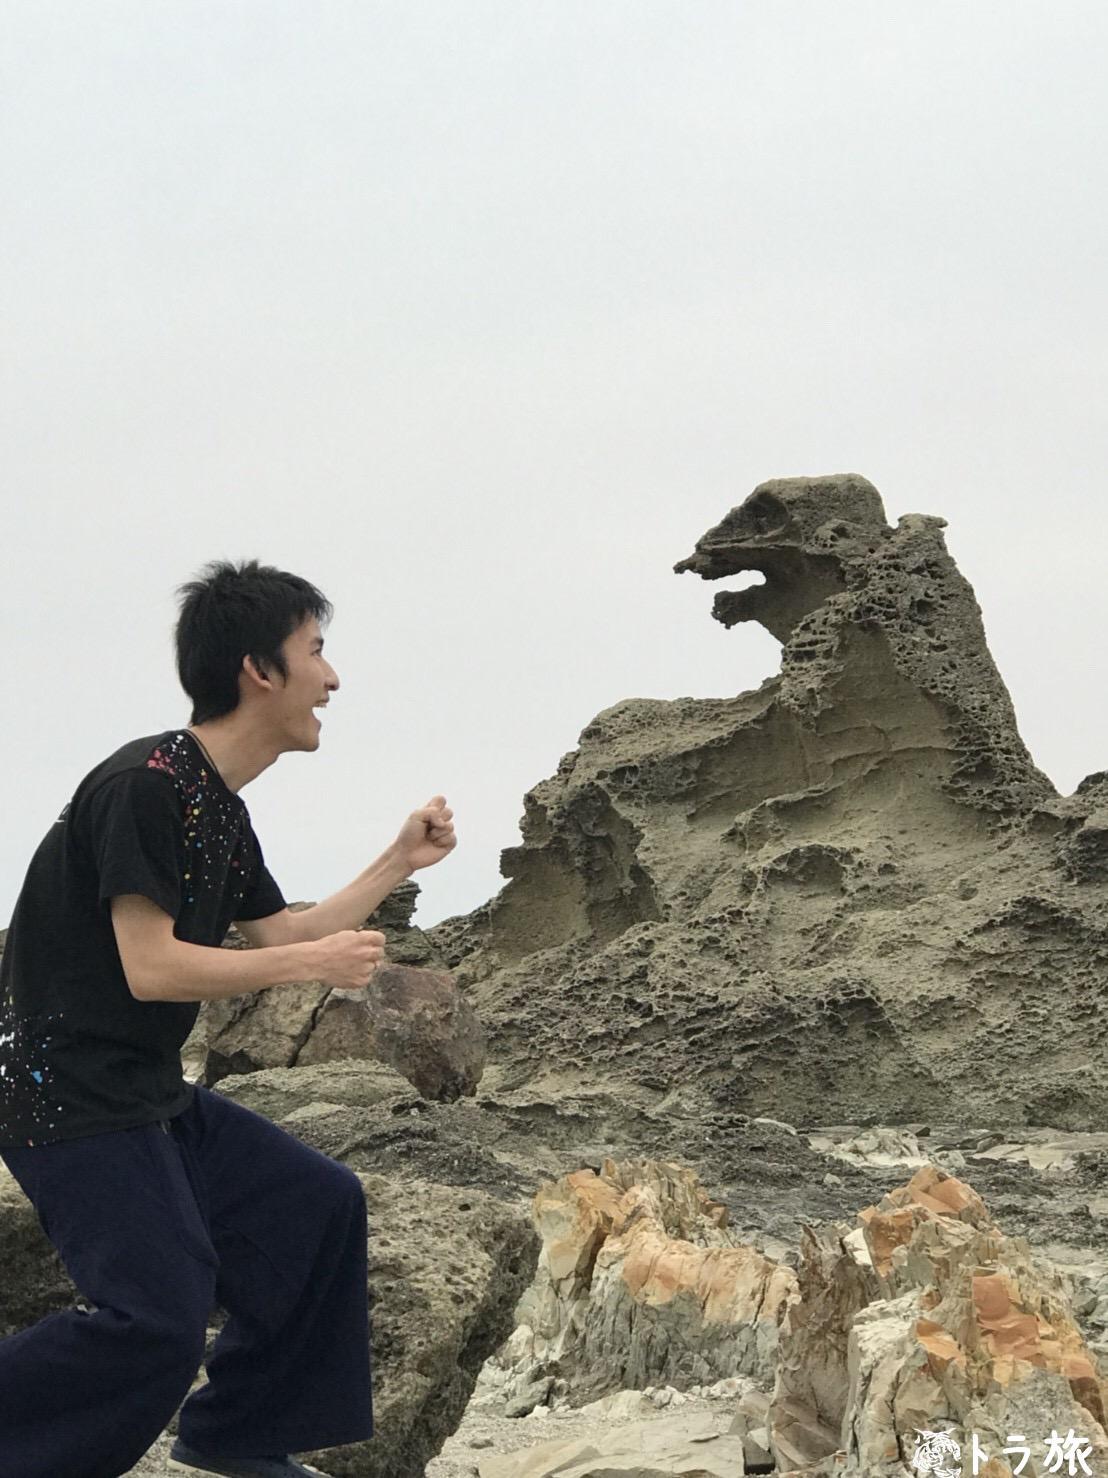 【秋田】ゴジラとバトル⁉︎B級グルメから郷土料理まで食べ尽くす!